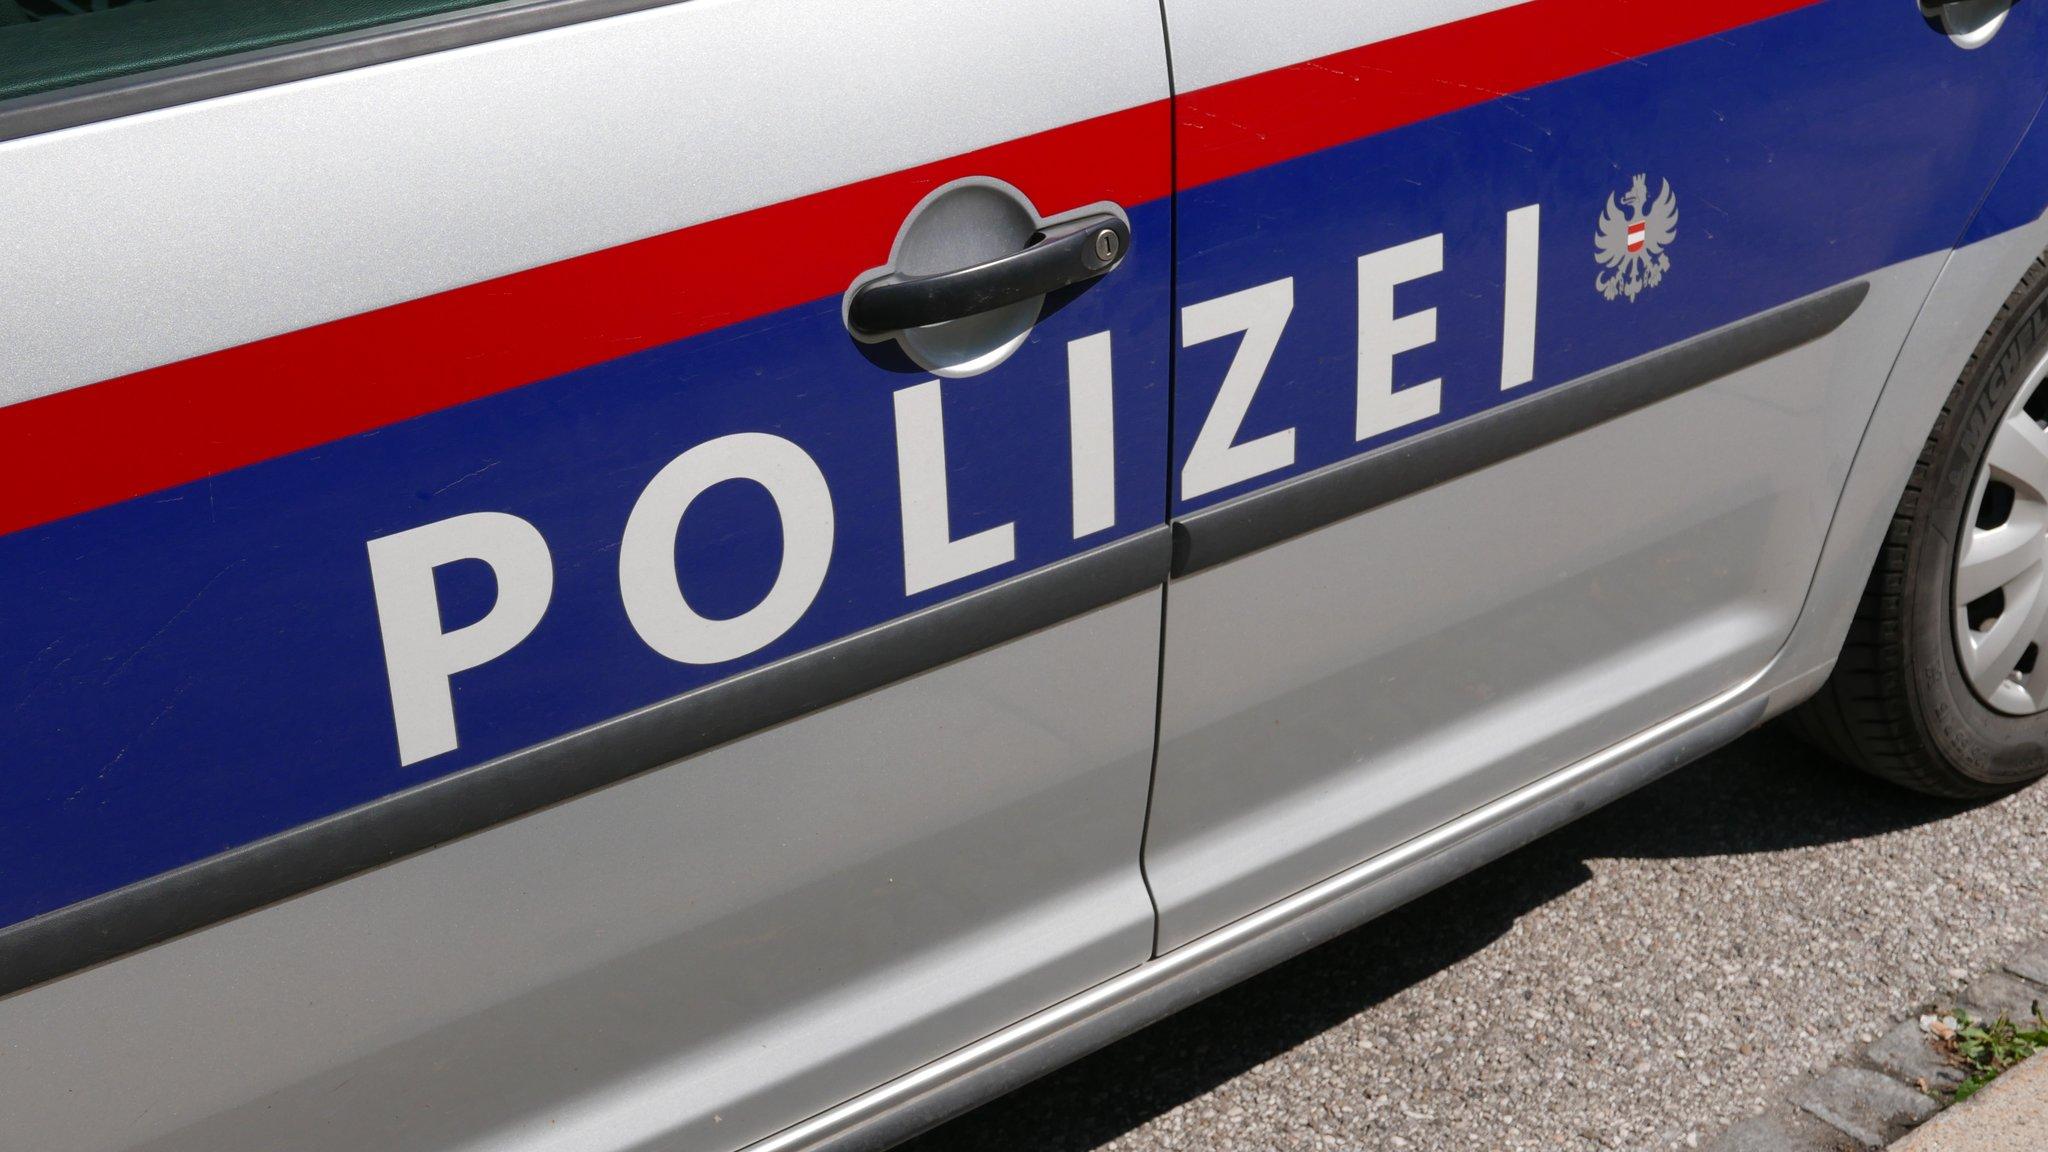 8cd75aeb5df2e Brieftasche abgeholt  Drogenlenker ging der Leondinger Polizei ins Netz -  Linz-Land